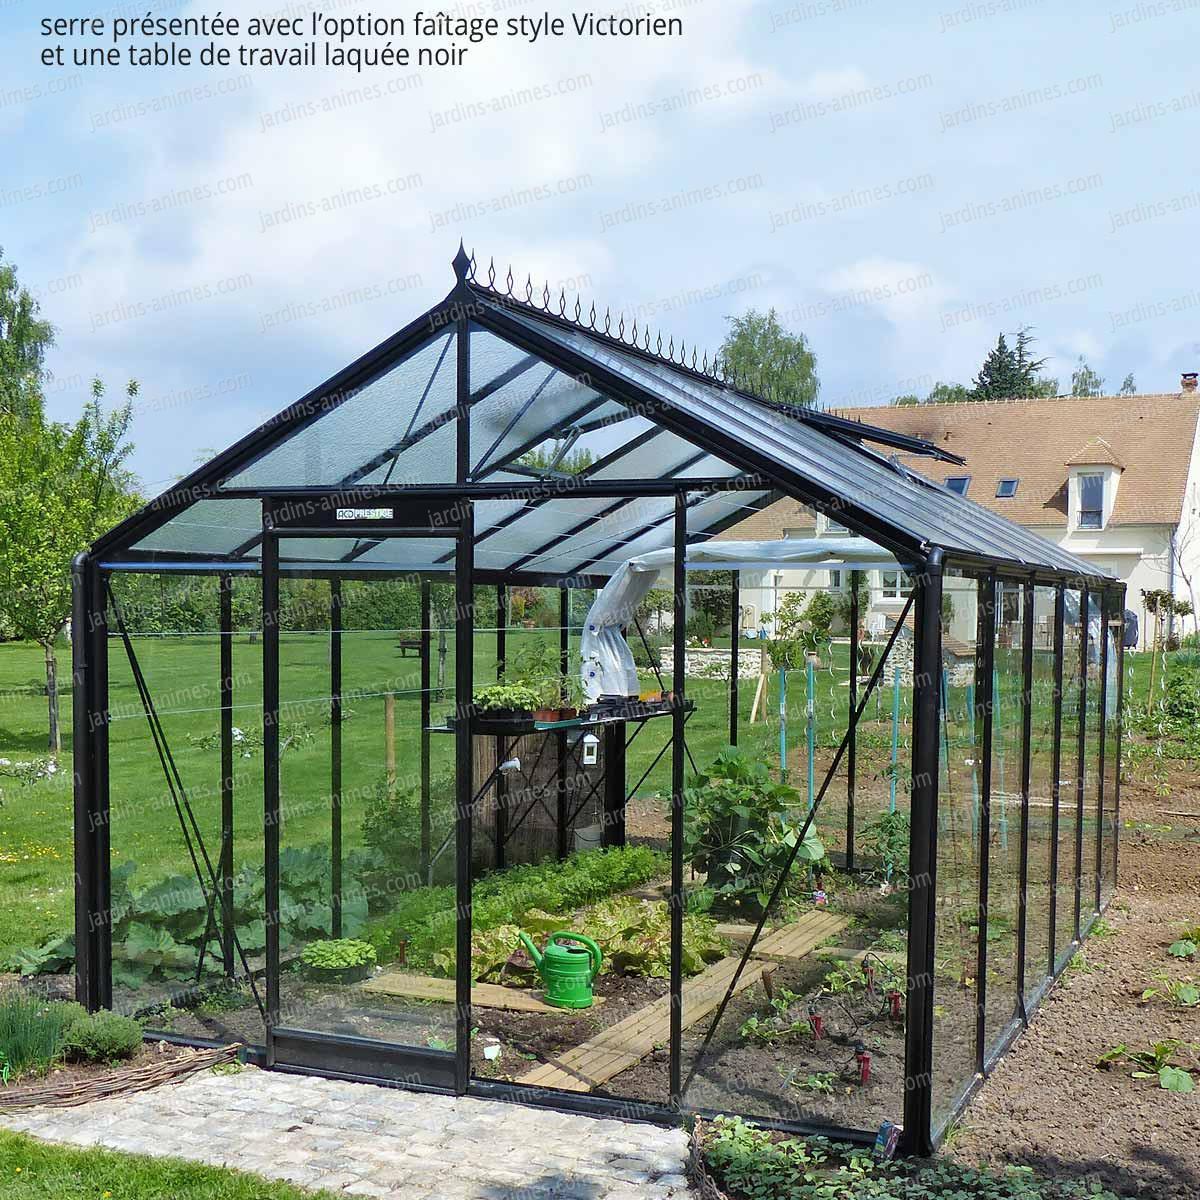 Serre prestige noir r306h serre jardin - Echantillons gratuits a recevoir sans frais de port ...